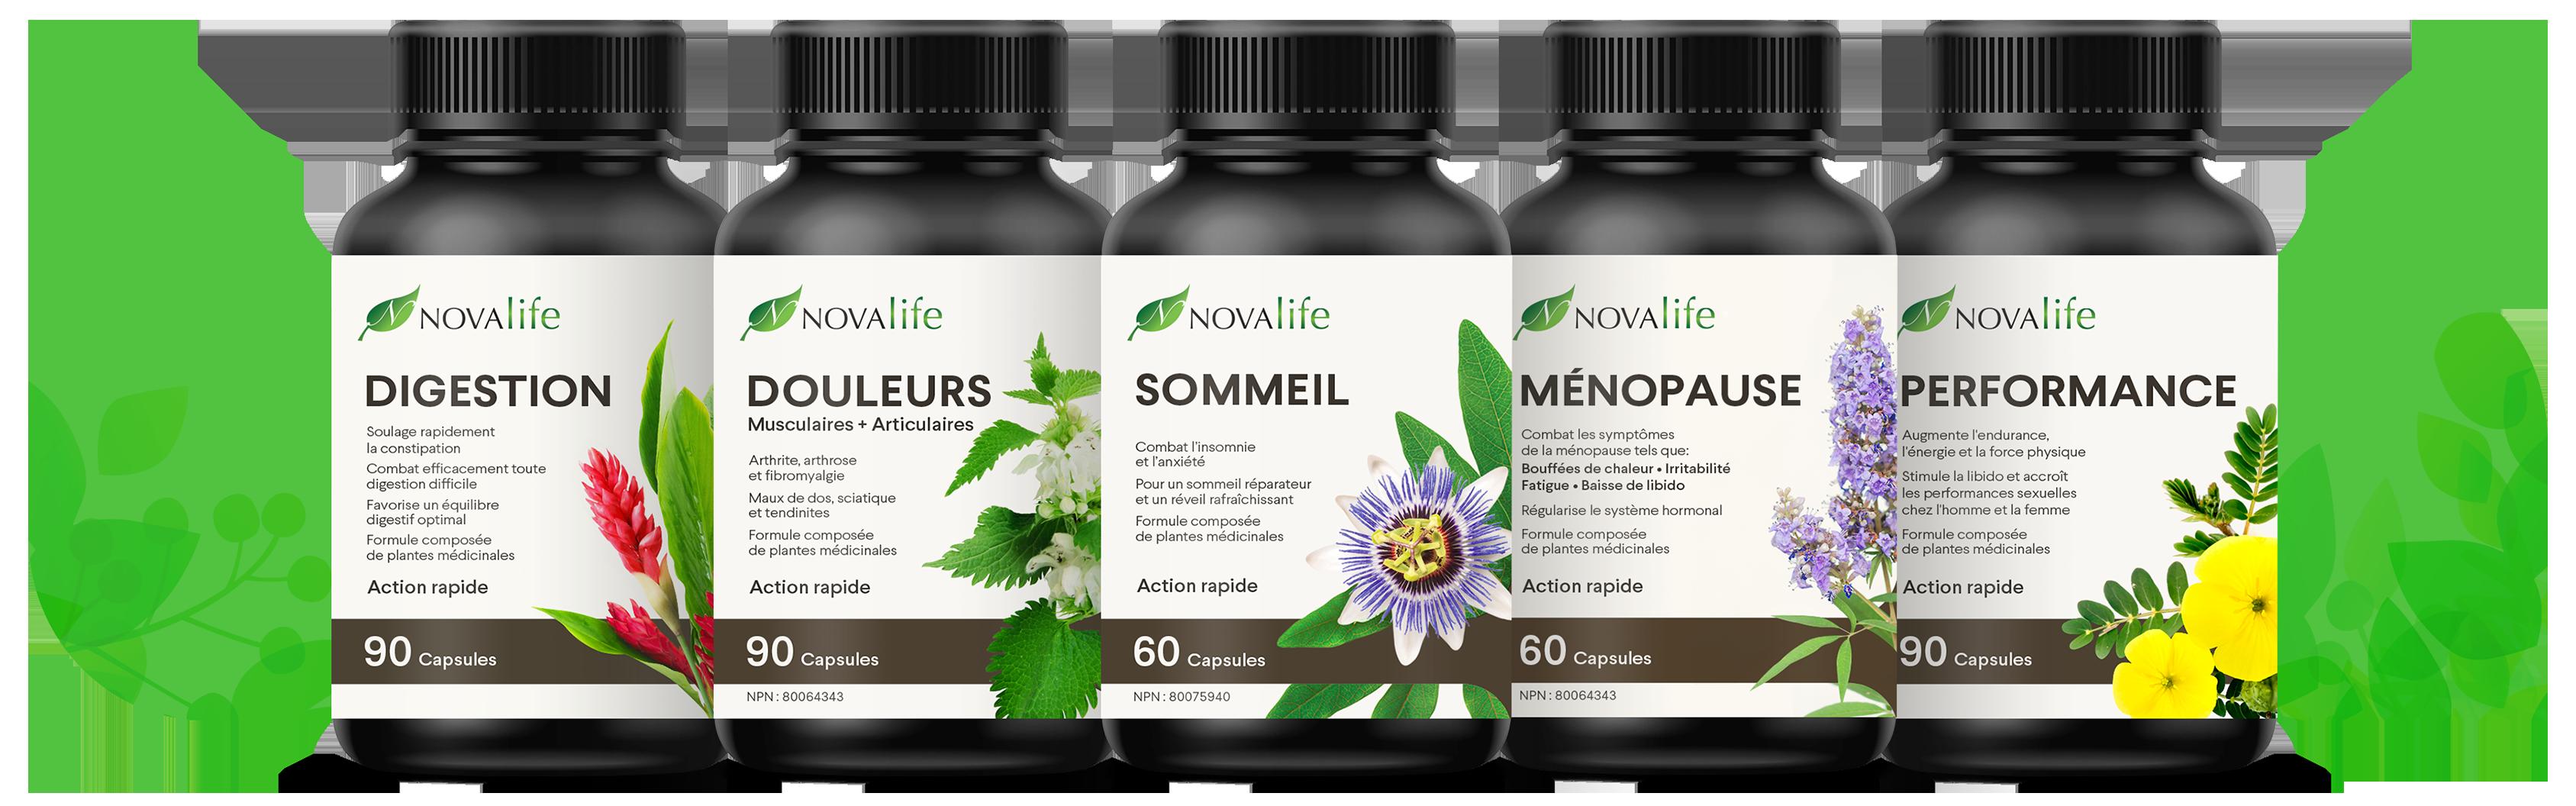 Produits anti-inflammatoires naturels pour soulager les douleurs | Novalife